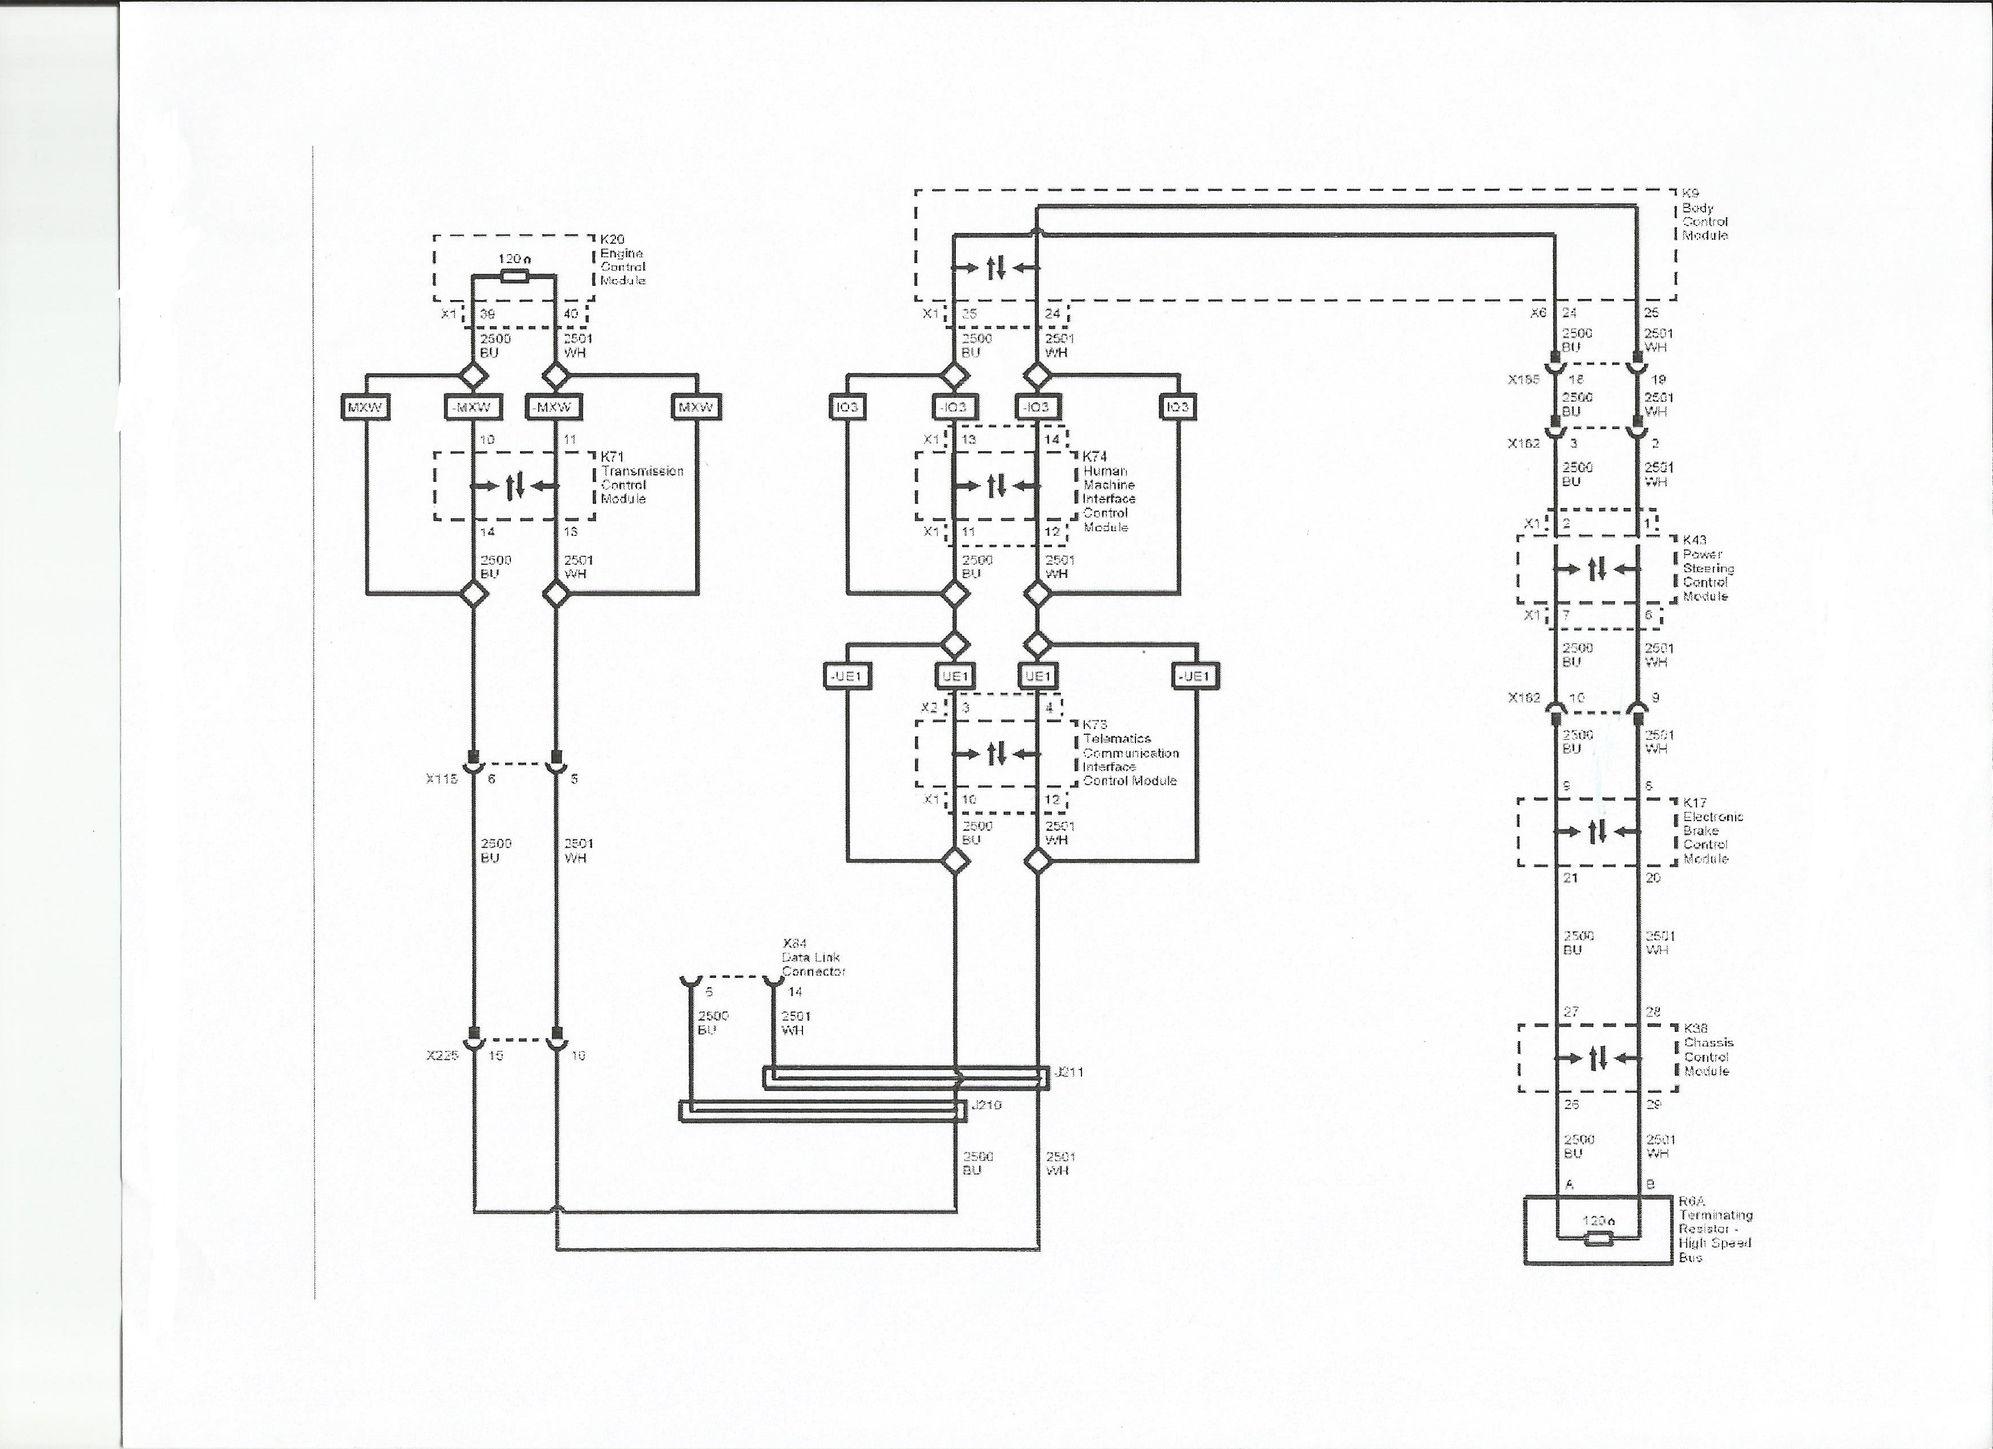 80 camaro wiring diagram get image about wiring diagram